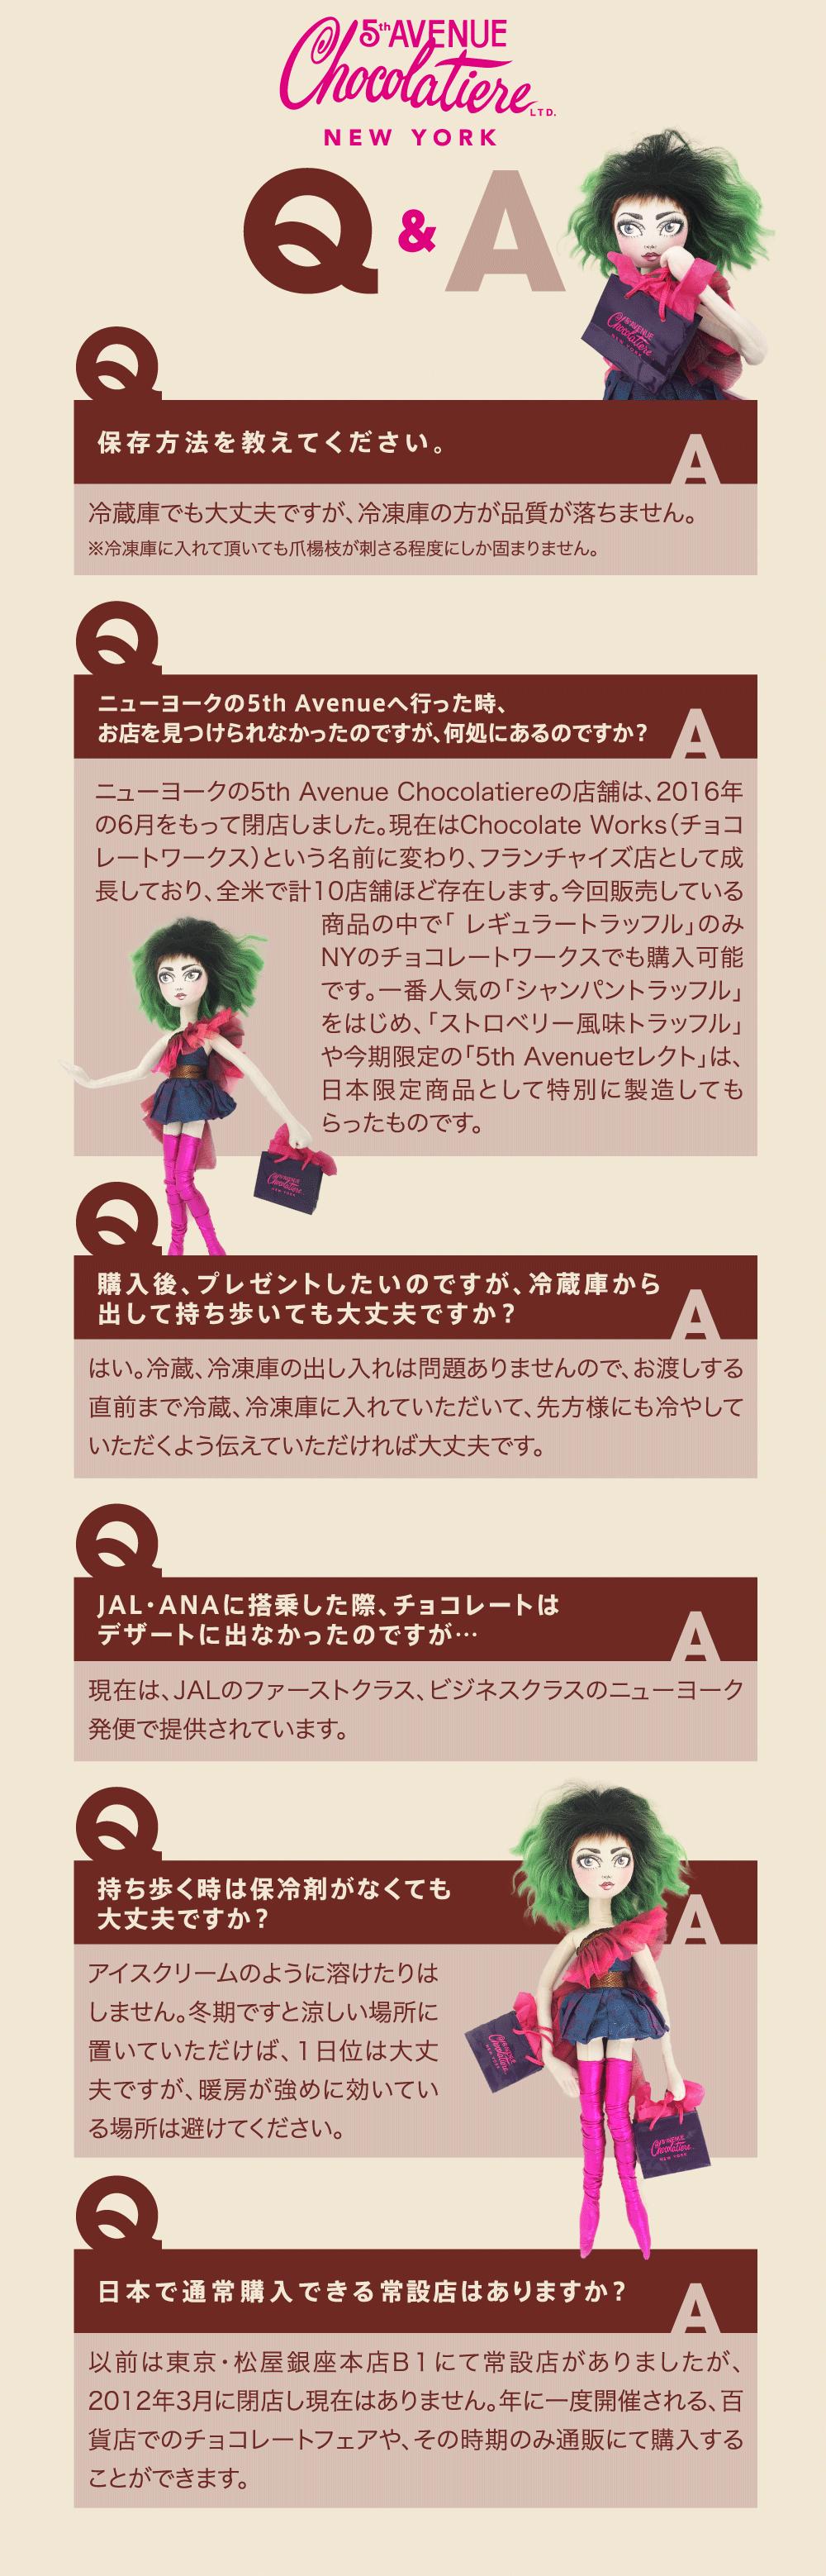 5th Avenue Chocolatiere 日本で通常購入できる常設店はありますか? 以前は東京・松屋銀座本店B1にて常設店がありましたが、2012年3月に閉店し現在はありません。年に一度開催される、百貨店でのチョコレートフェアや、その時期のみ通販にて購入することができます。